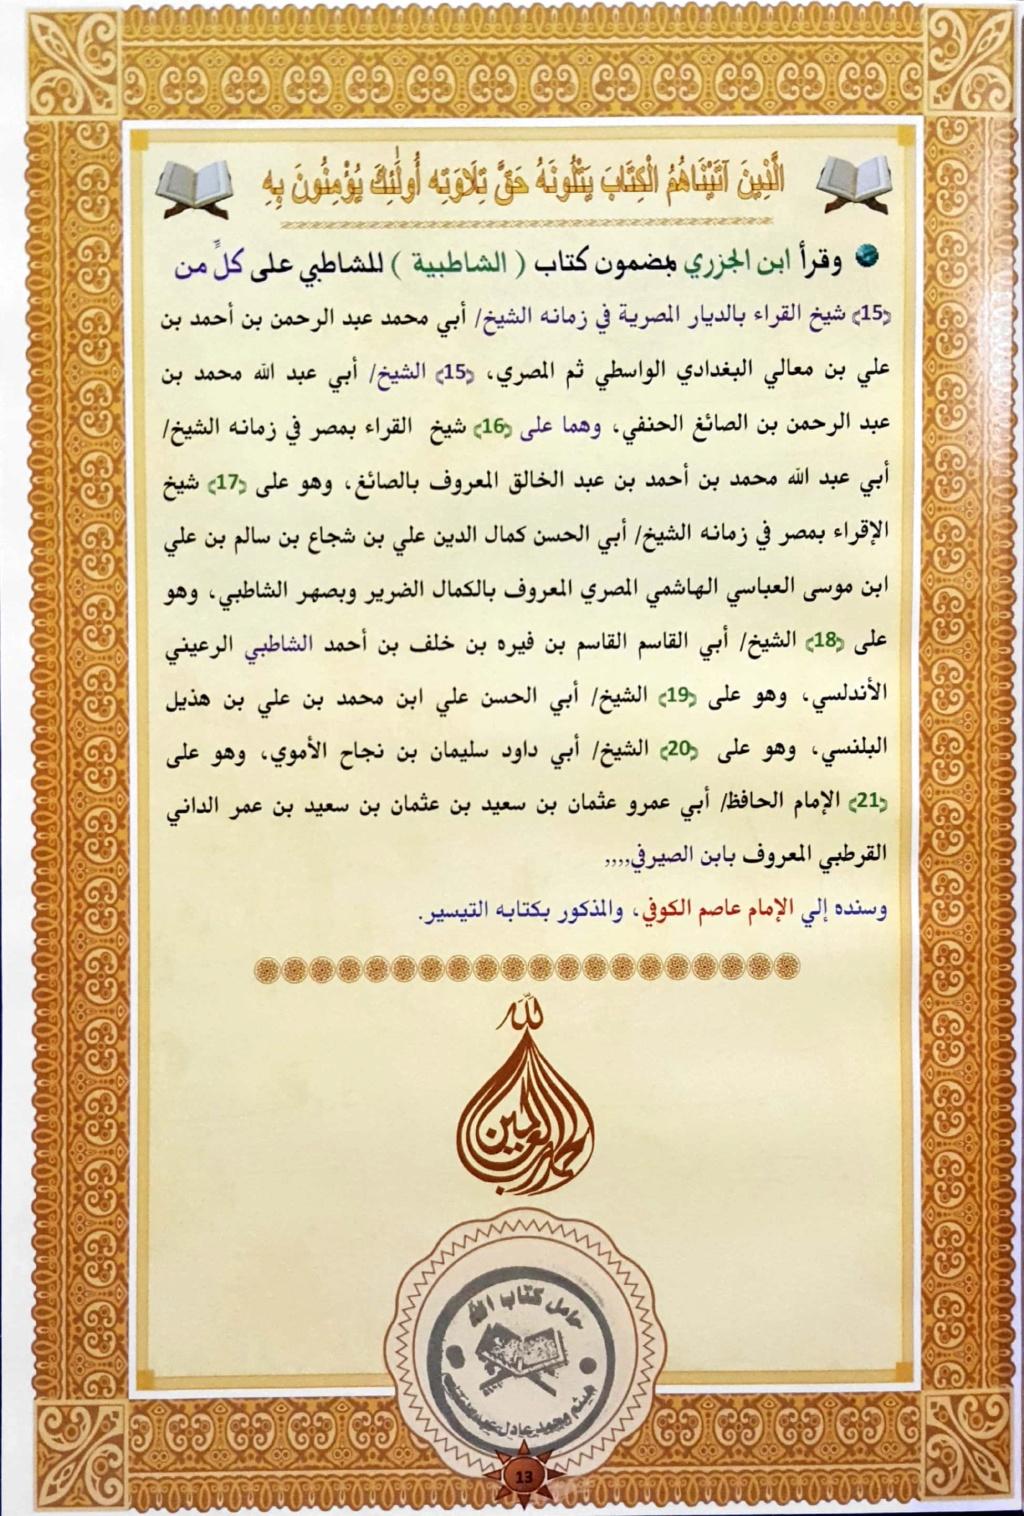 إجازة الشيخ أحمد محمد لبن بقراءة الإمام عاصم  Aeo_aa27